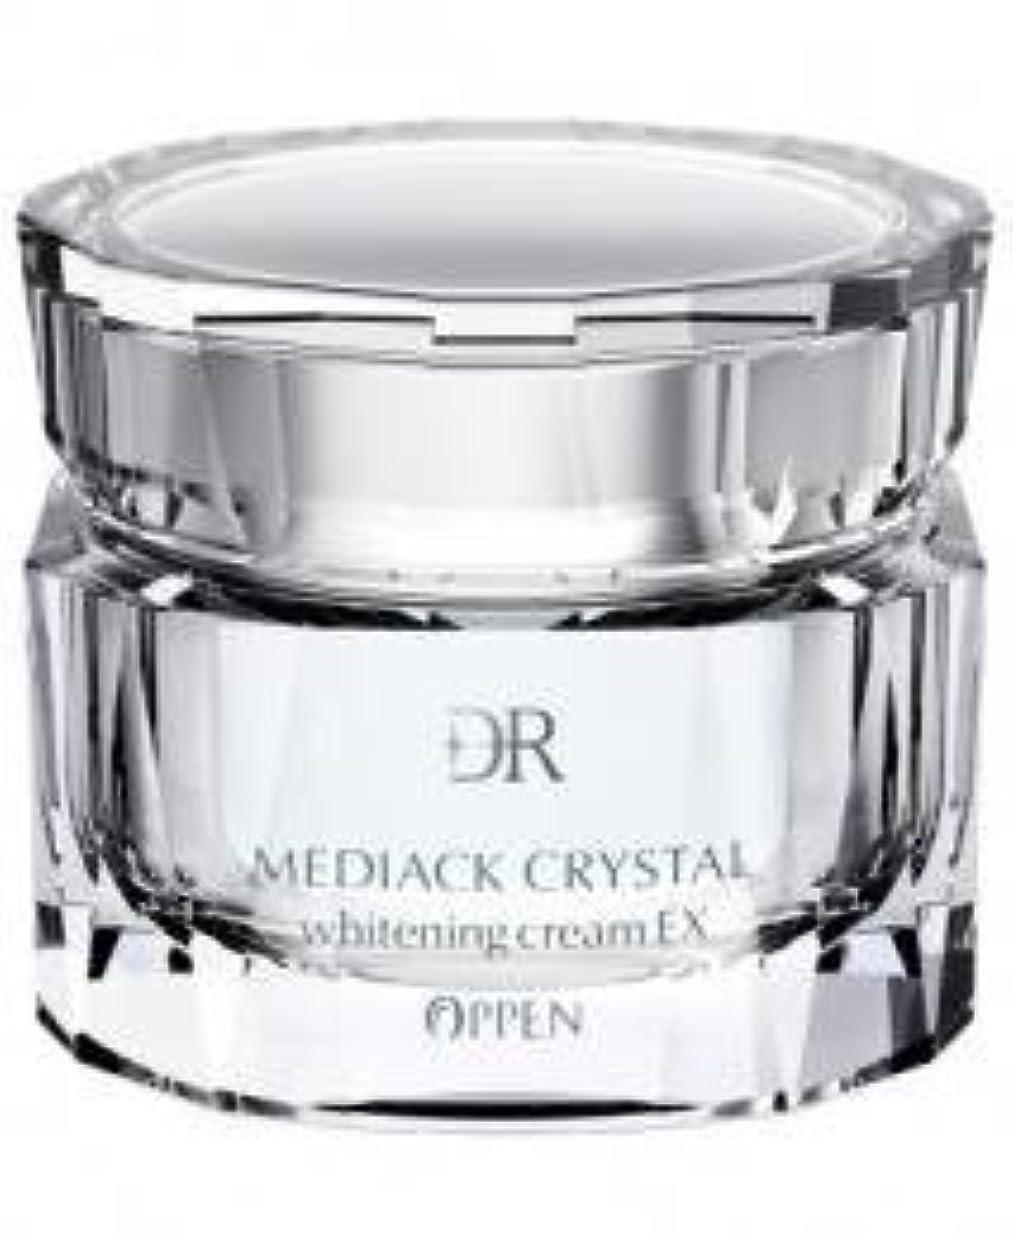 抗議センサーベールオッペン化粧品【OPPEN】 DRメディアッククリスタル ホワイトニングクリーム 35g